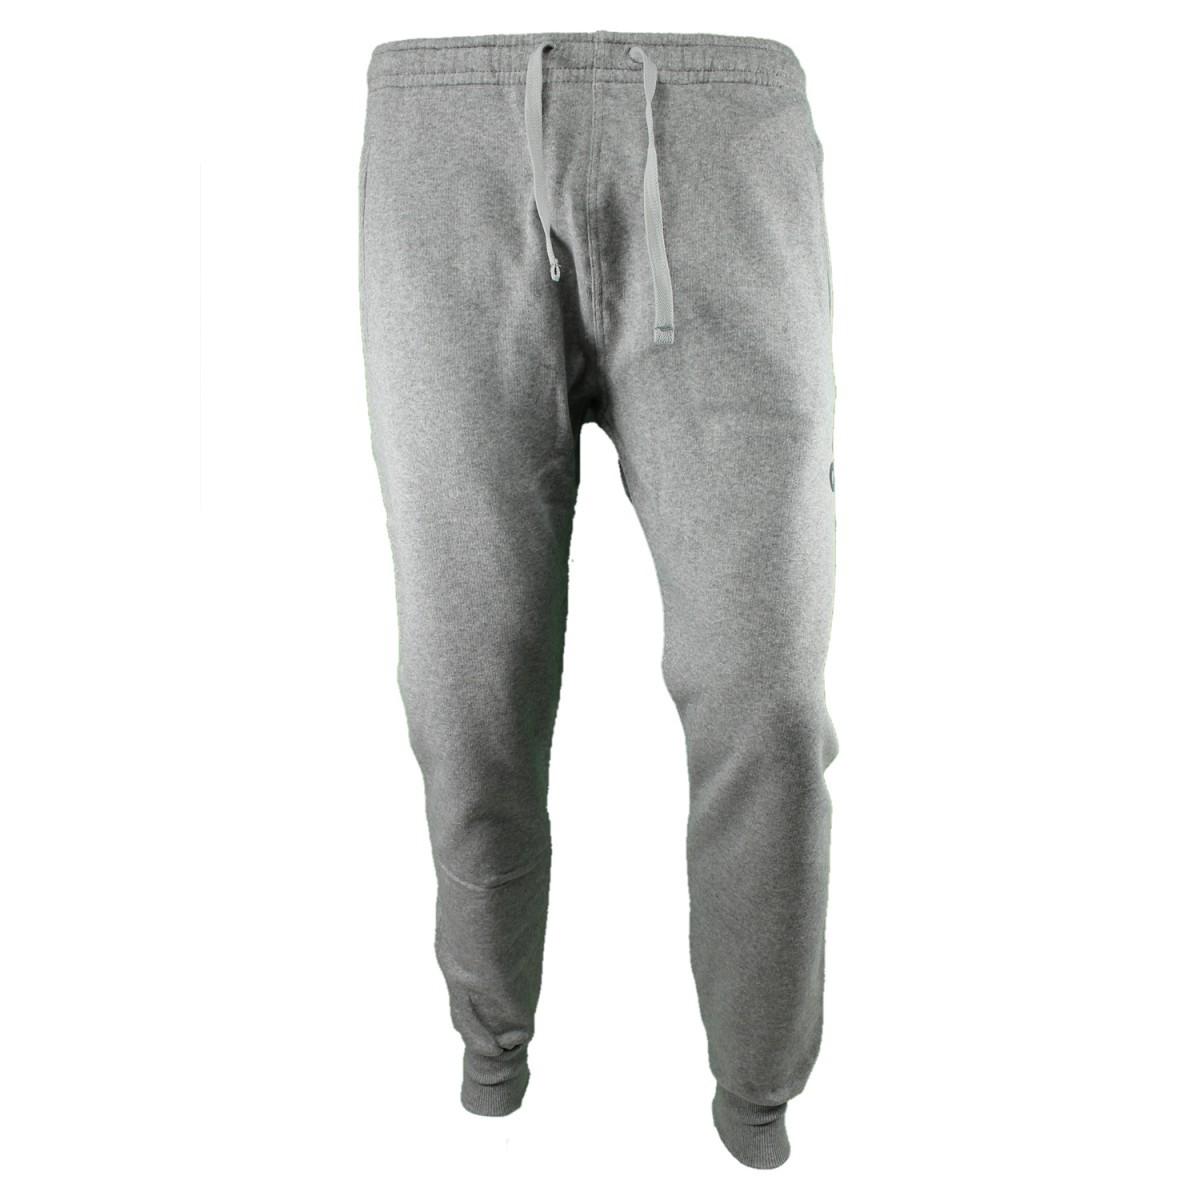 pantaloni tuta adidas uomo felpati